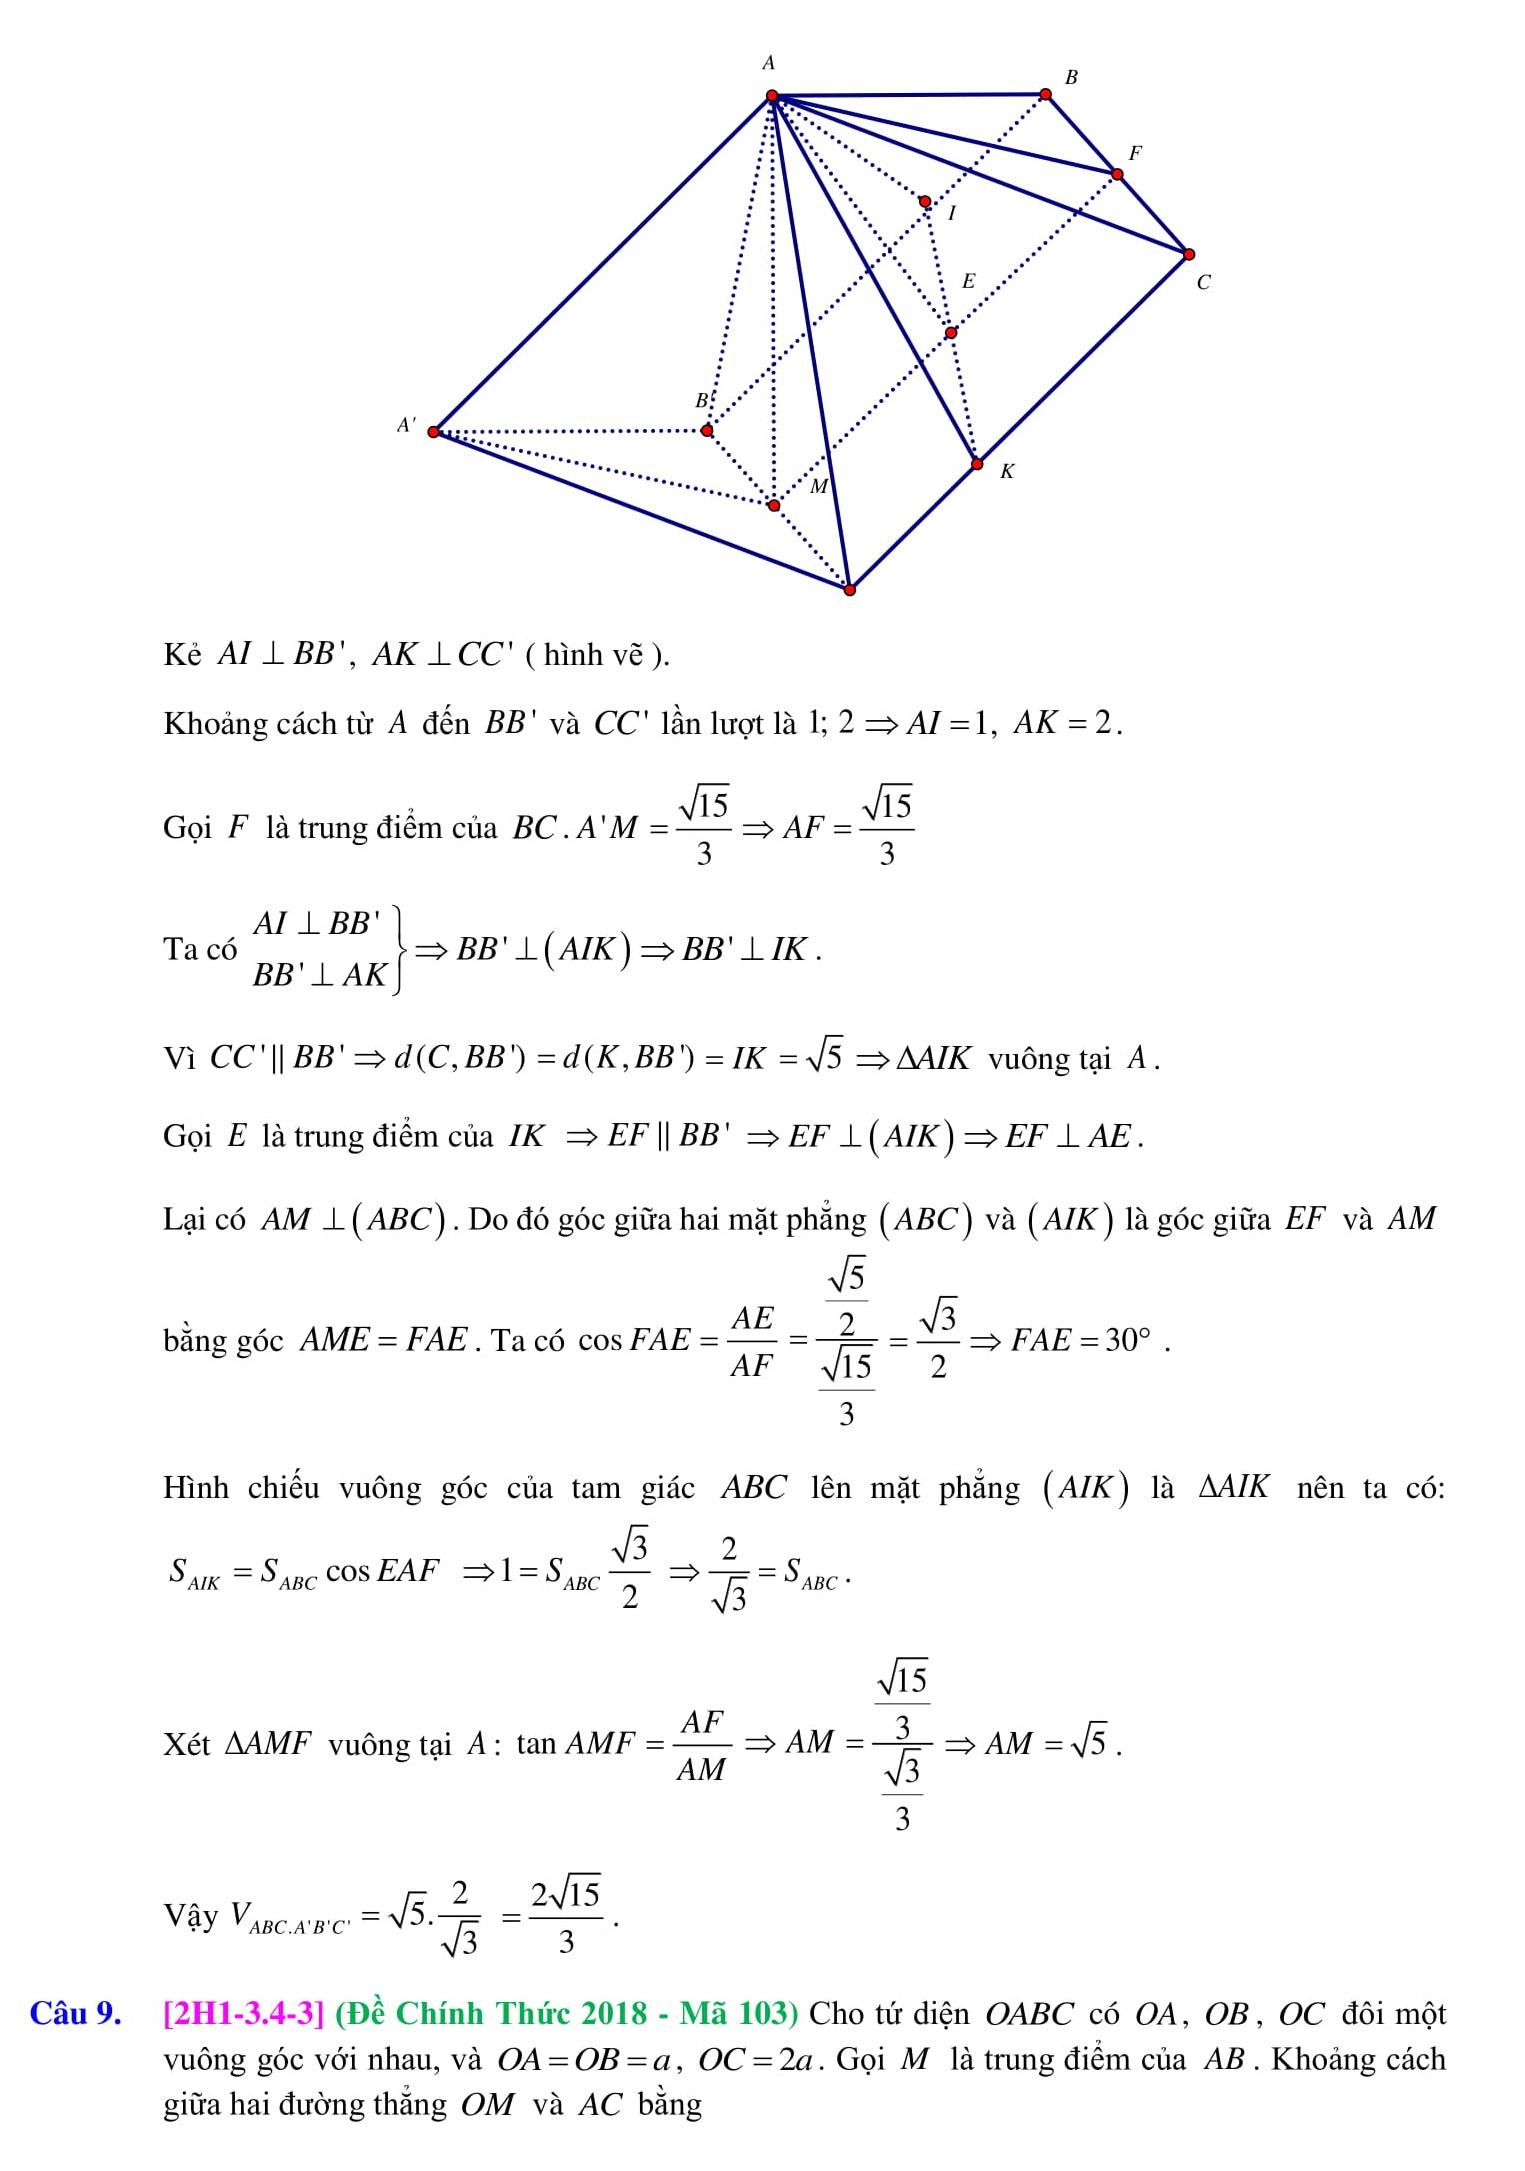 Khái niệm về thể tích khối đa diện - Toán 12